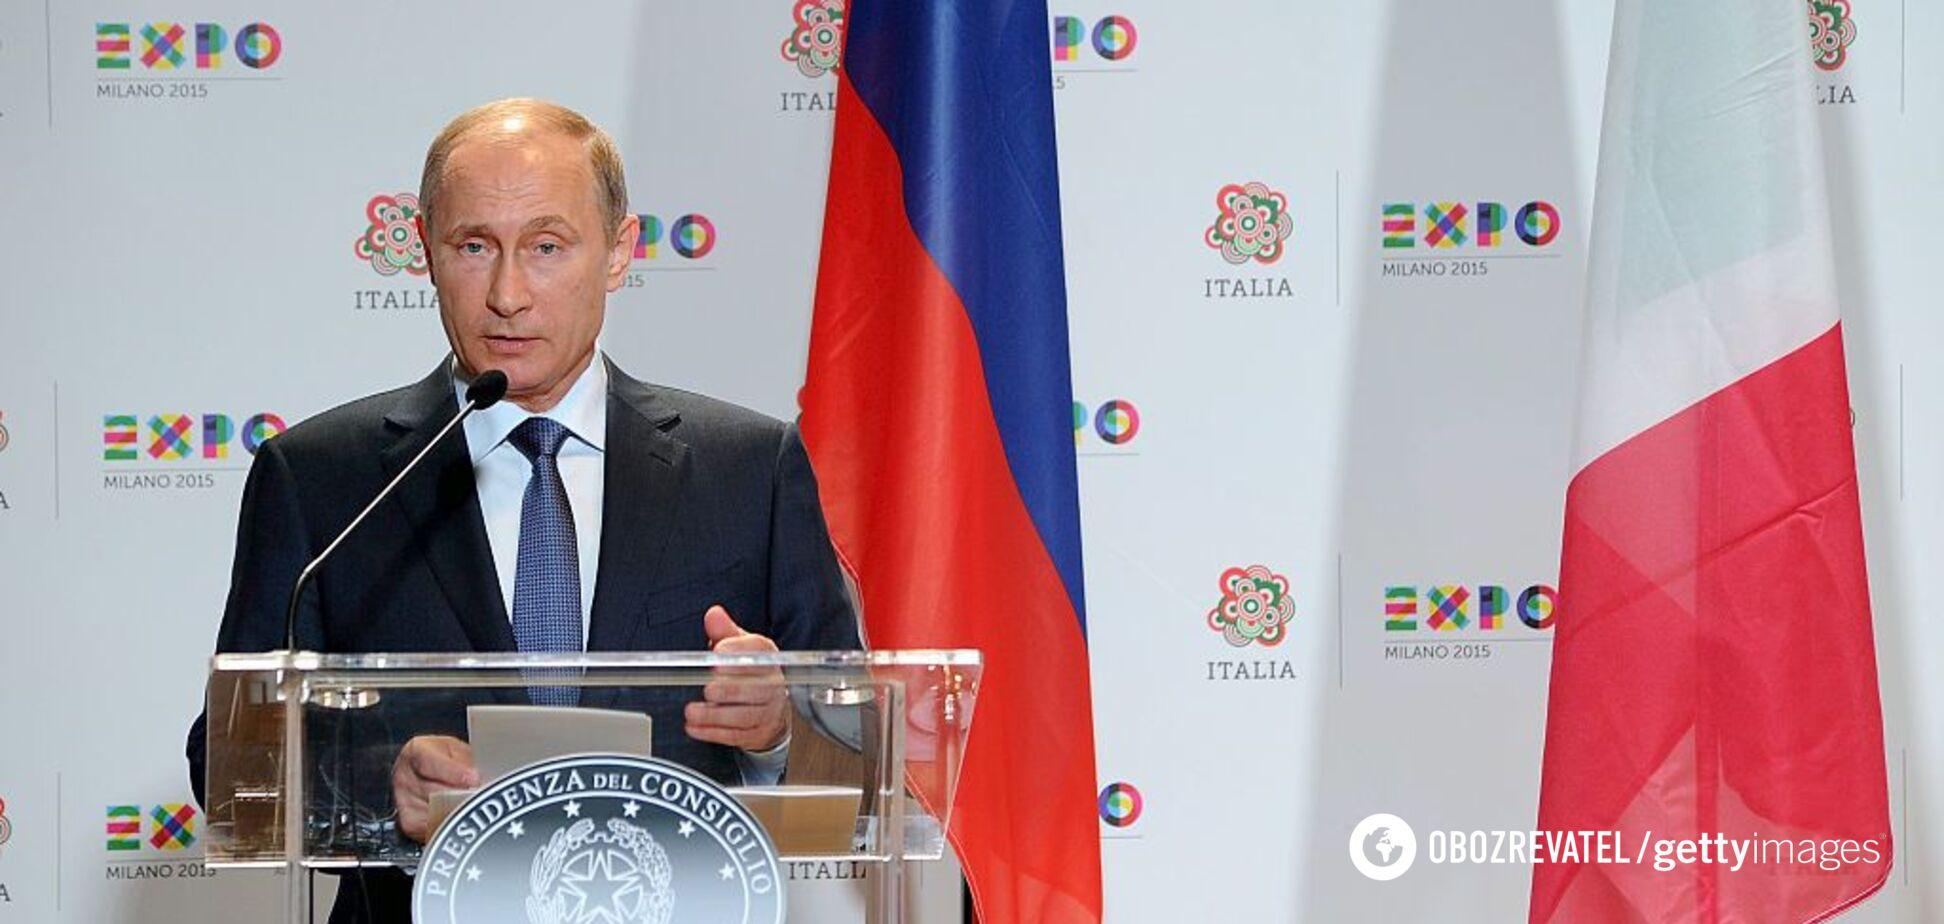 Россия ''зальет кровью'' Украину: эксперт дал пугающий прогноз на ближайшие месяцы